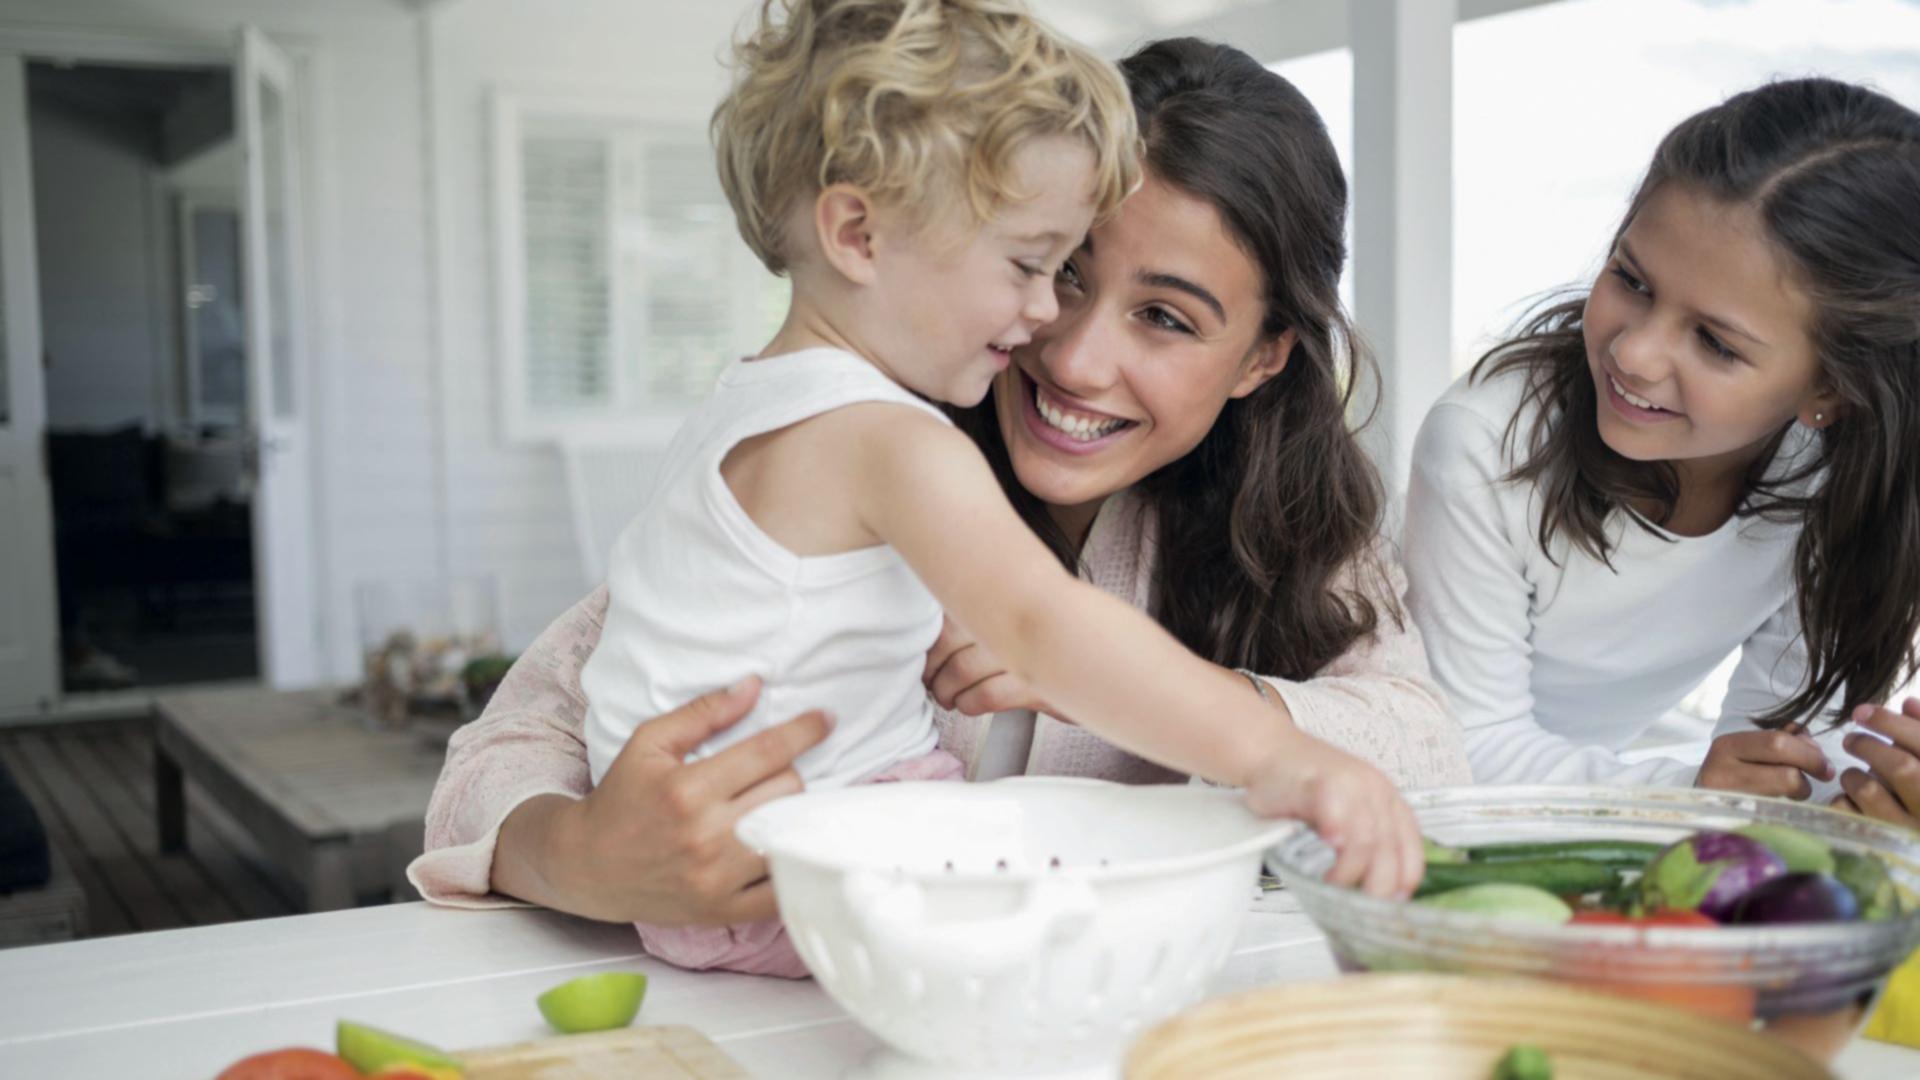 """""""Los pilares de esta alimentación no se basan únicamente en la selección de ciertos alimentos, sino en el disfrute, el placer y el poder compartirlos en familia"""".Licenciada en Nutrición Laura Romano"""